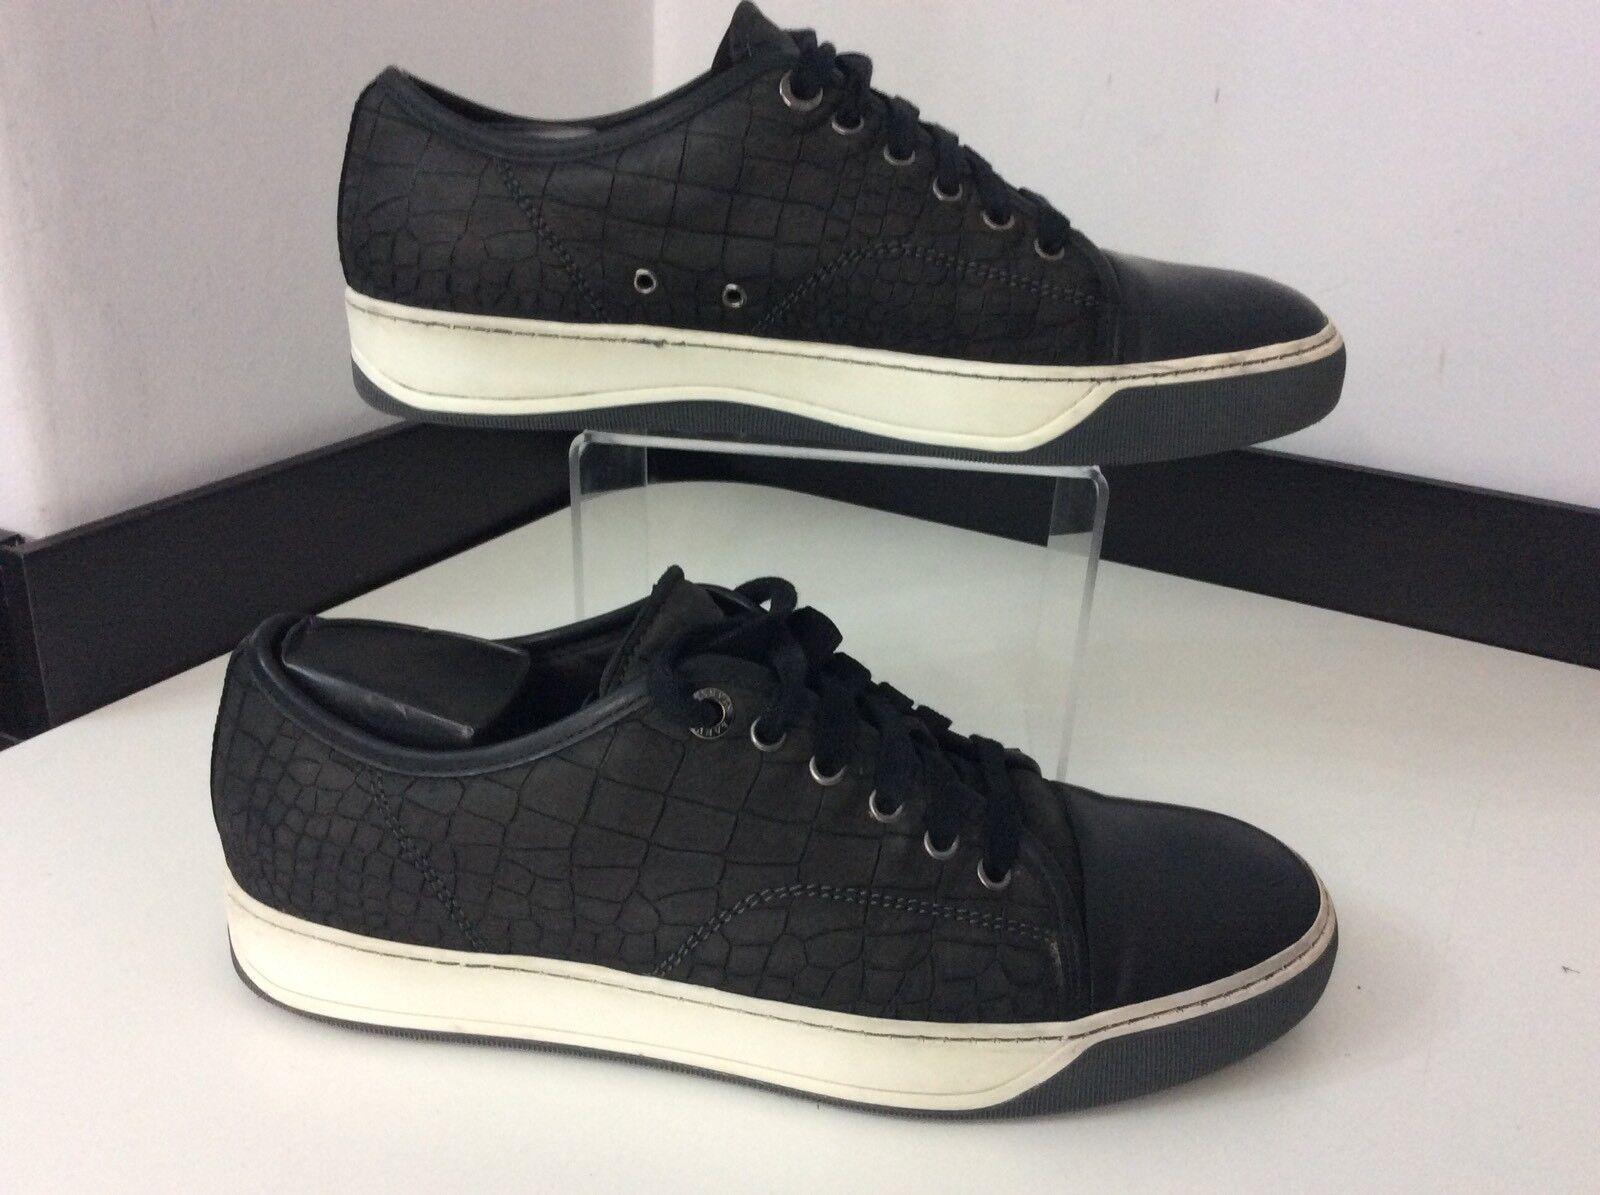 Lanvin Men's Baskets, Croc Print Leather Uk 6 Eu40, Navy Bleu, Trainers Chaussures